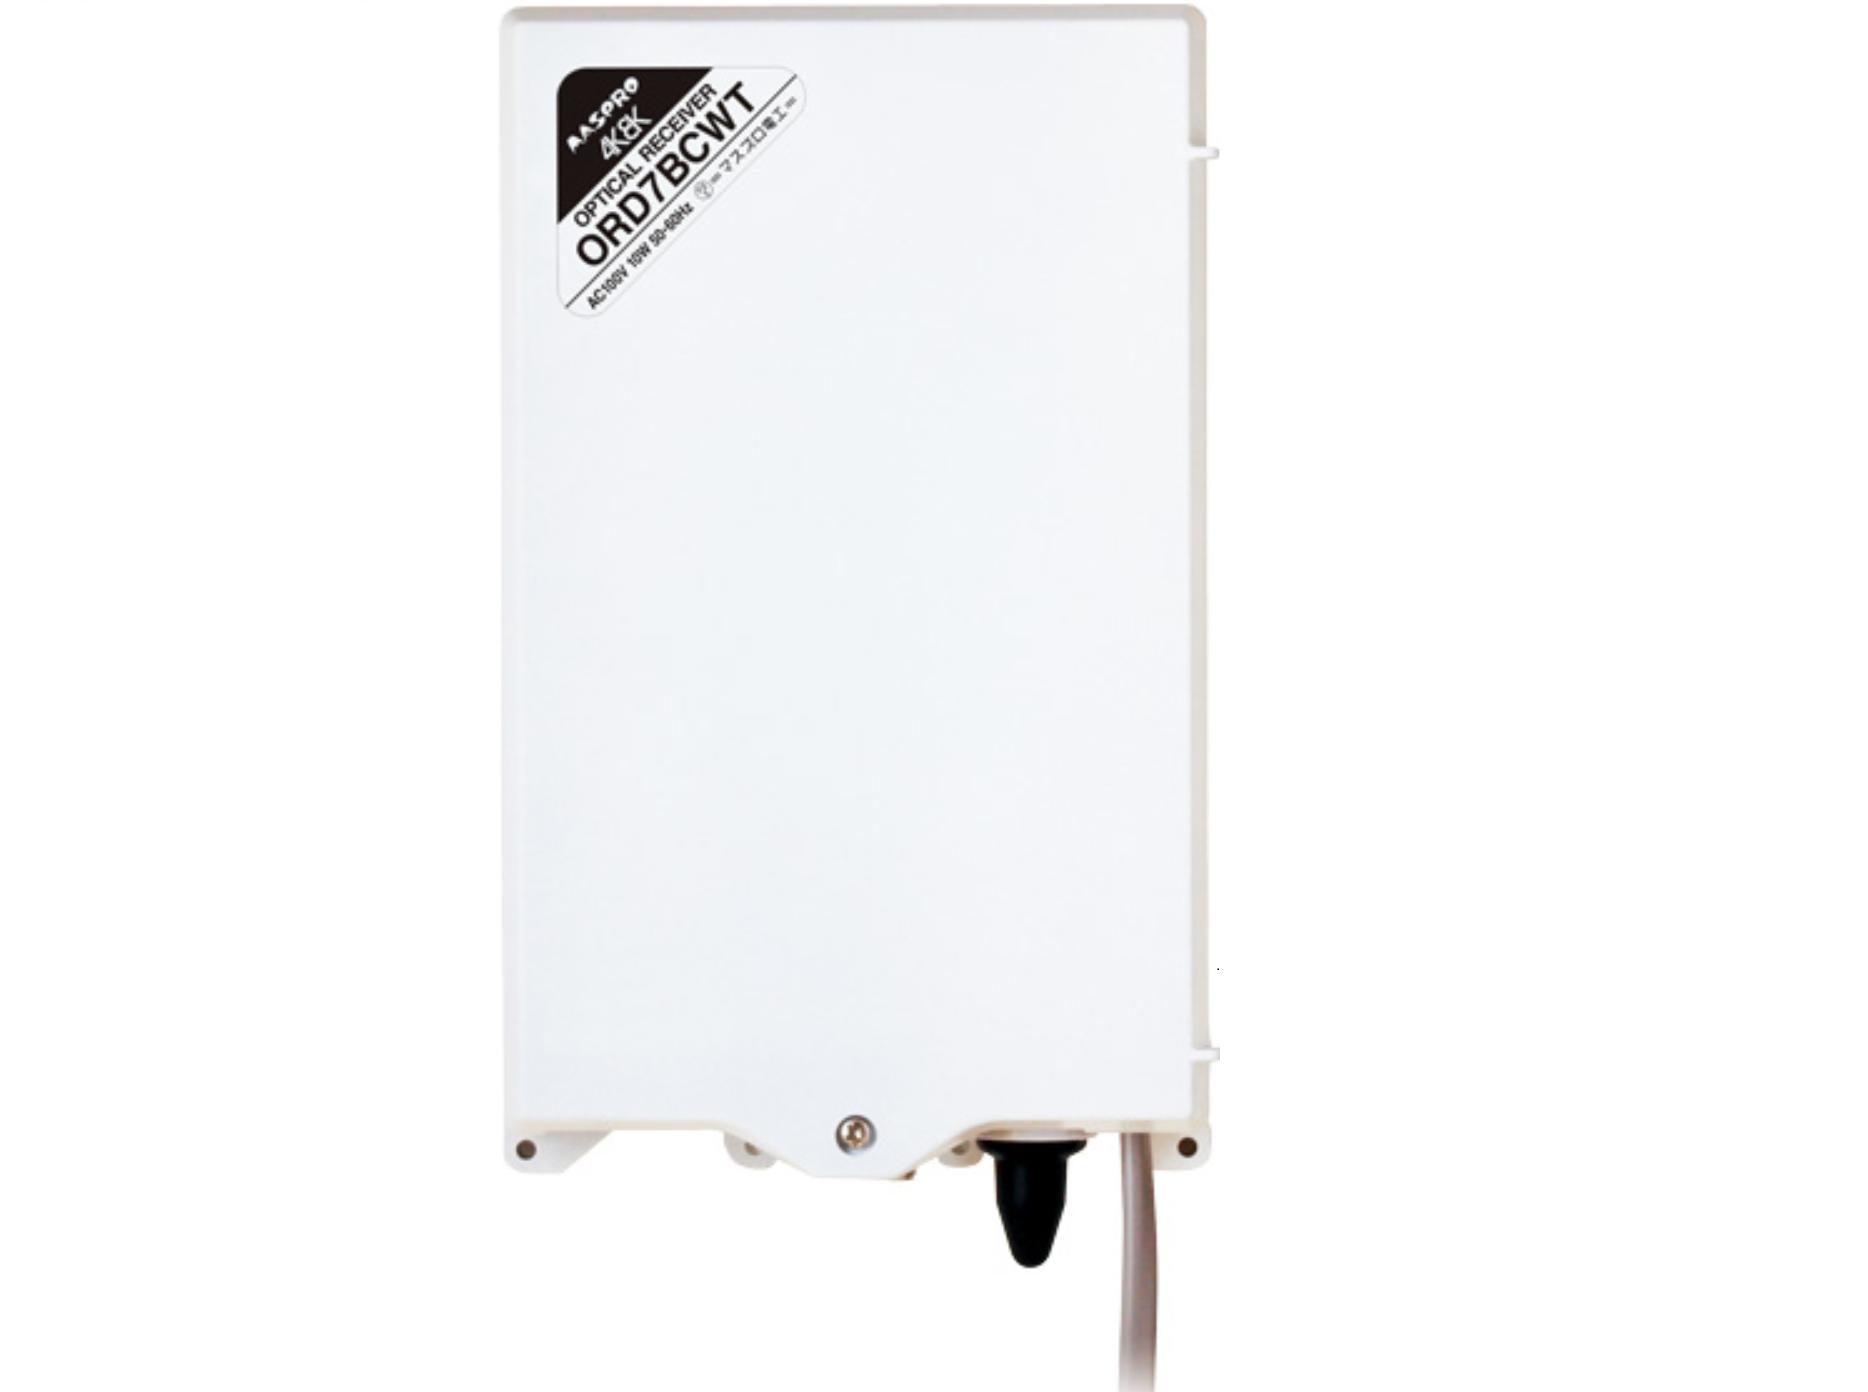 【マスプロ電工】 CATV.BS.CSを受信可能な屋外(内)用光受信機 「ORD7BCWTRF」を発売の画像